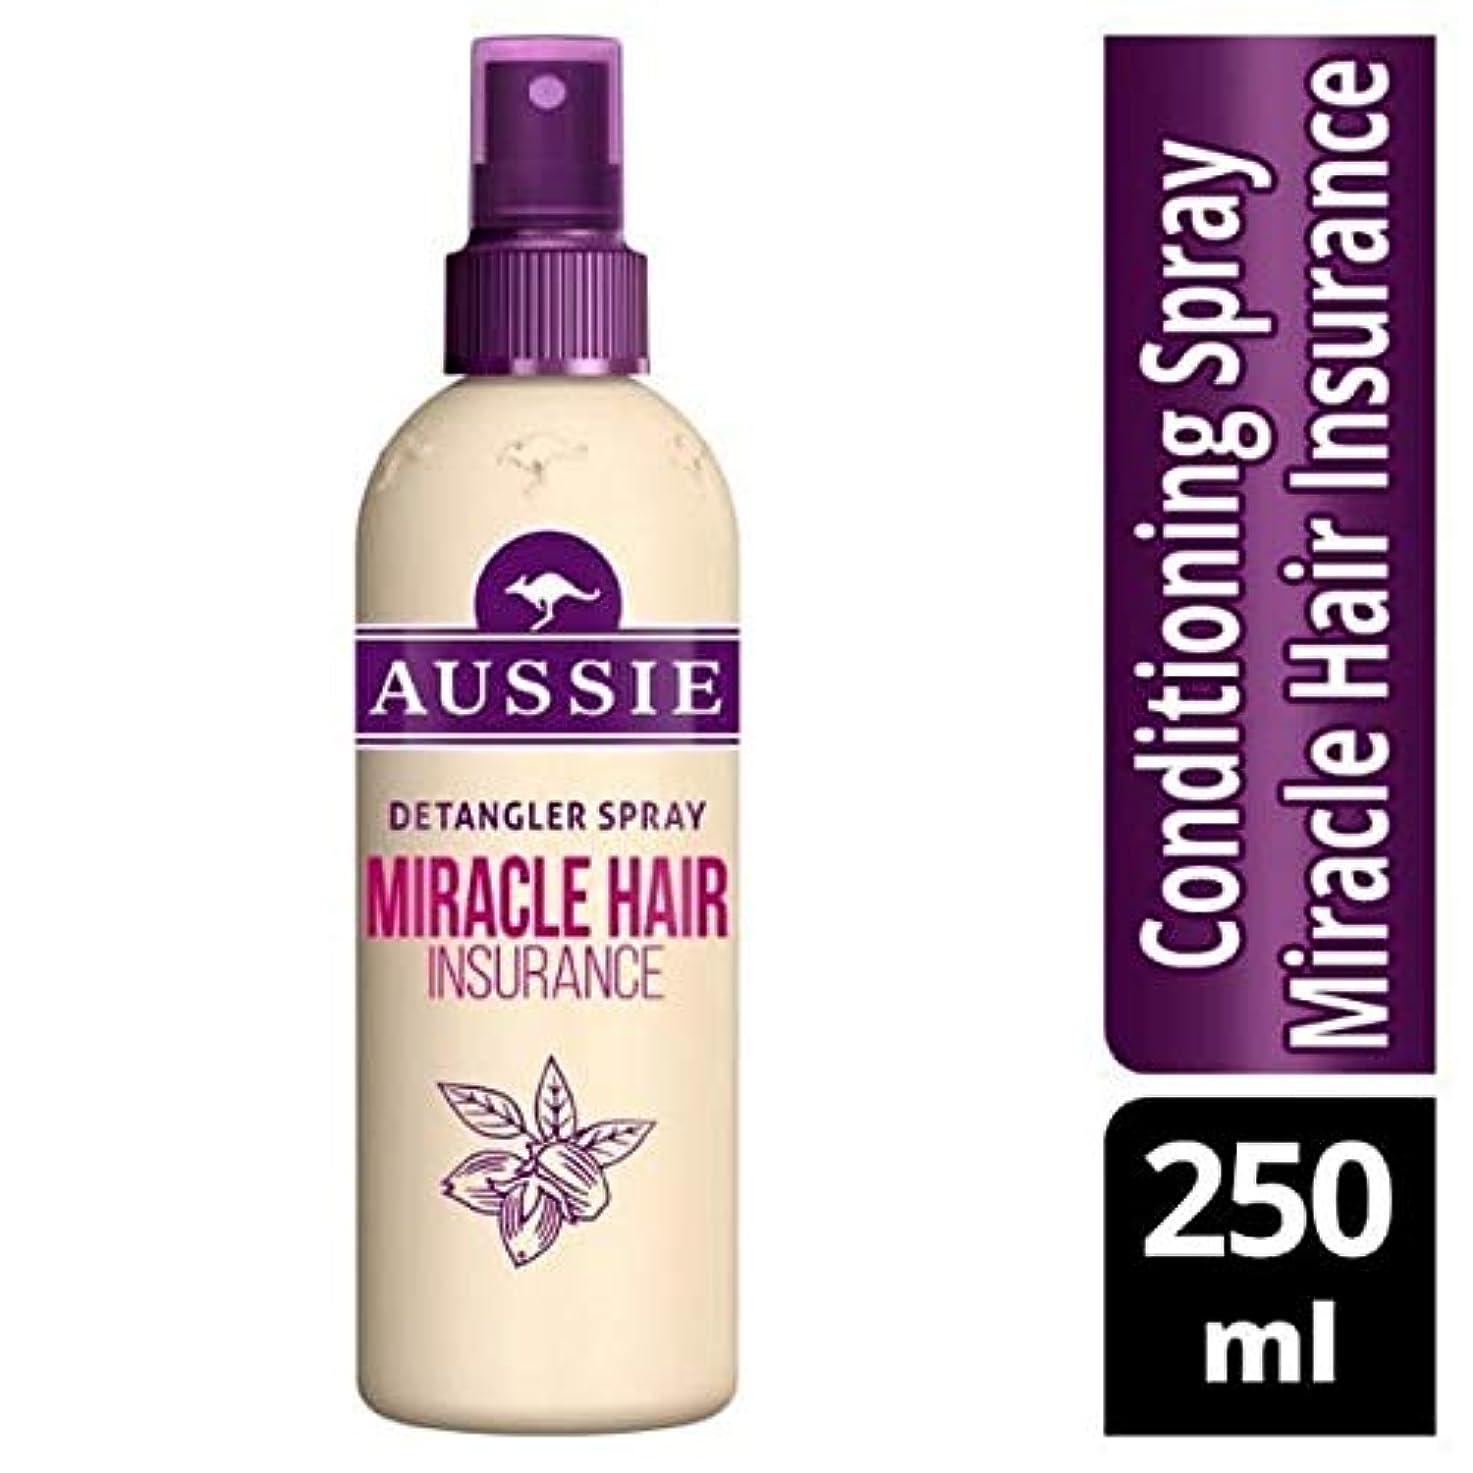 シェーバー後退する主張[Aussie ] オーストラリアの奇跡髪保険Detanglerスプレー250ミリリットル - Aussie Miracle Hair Insurance Detangler Spray 250ml [並行輸入品]